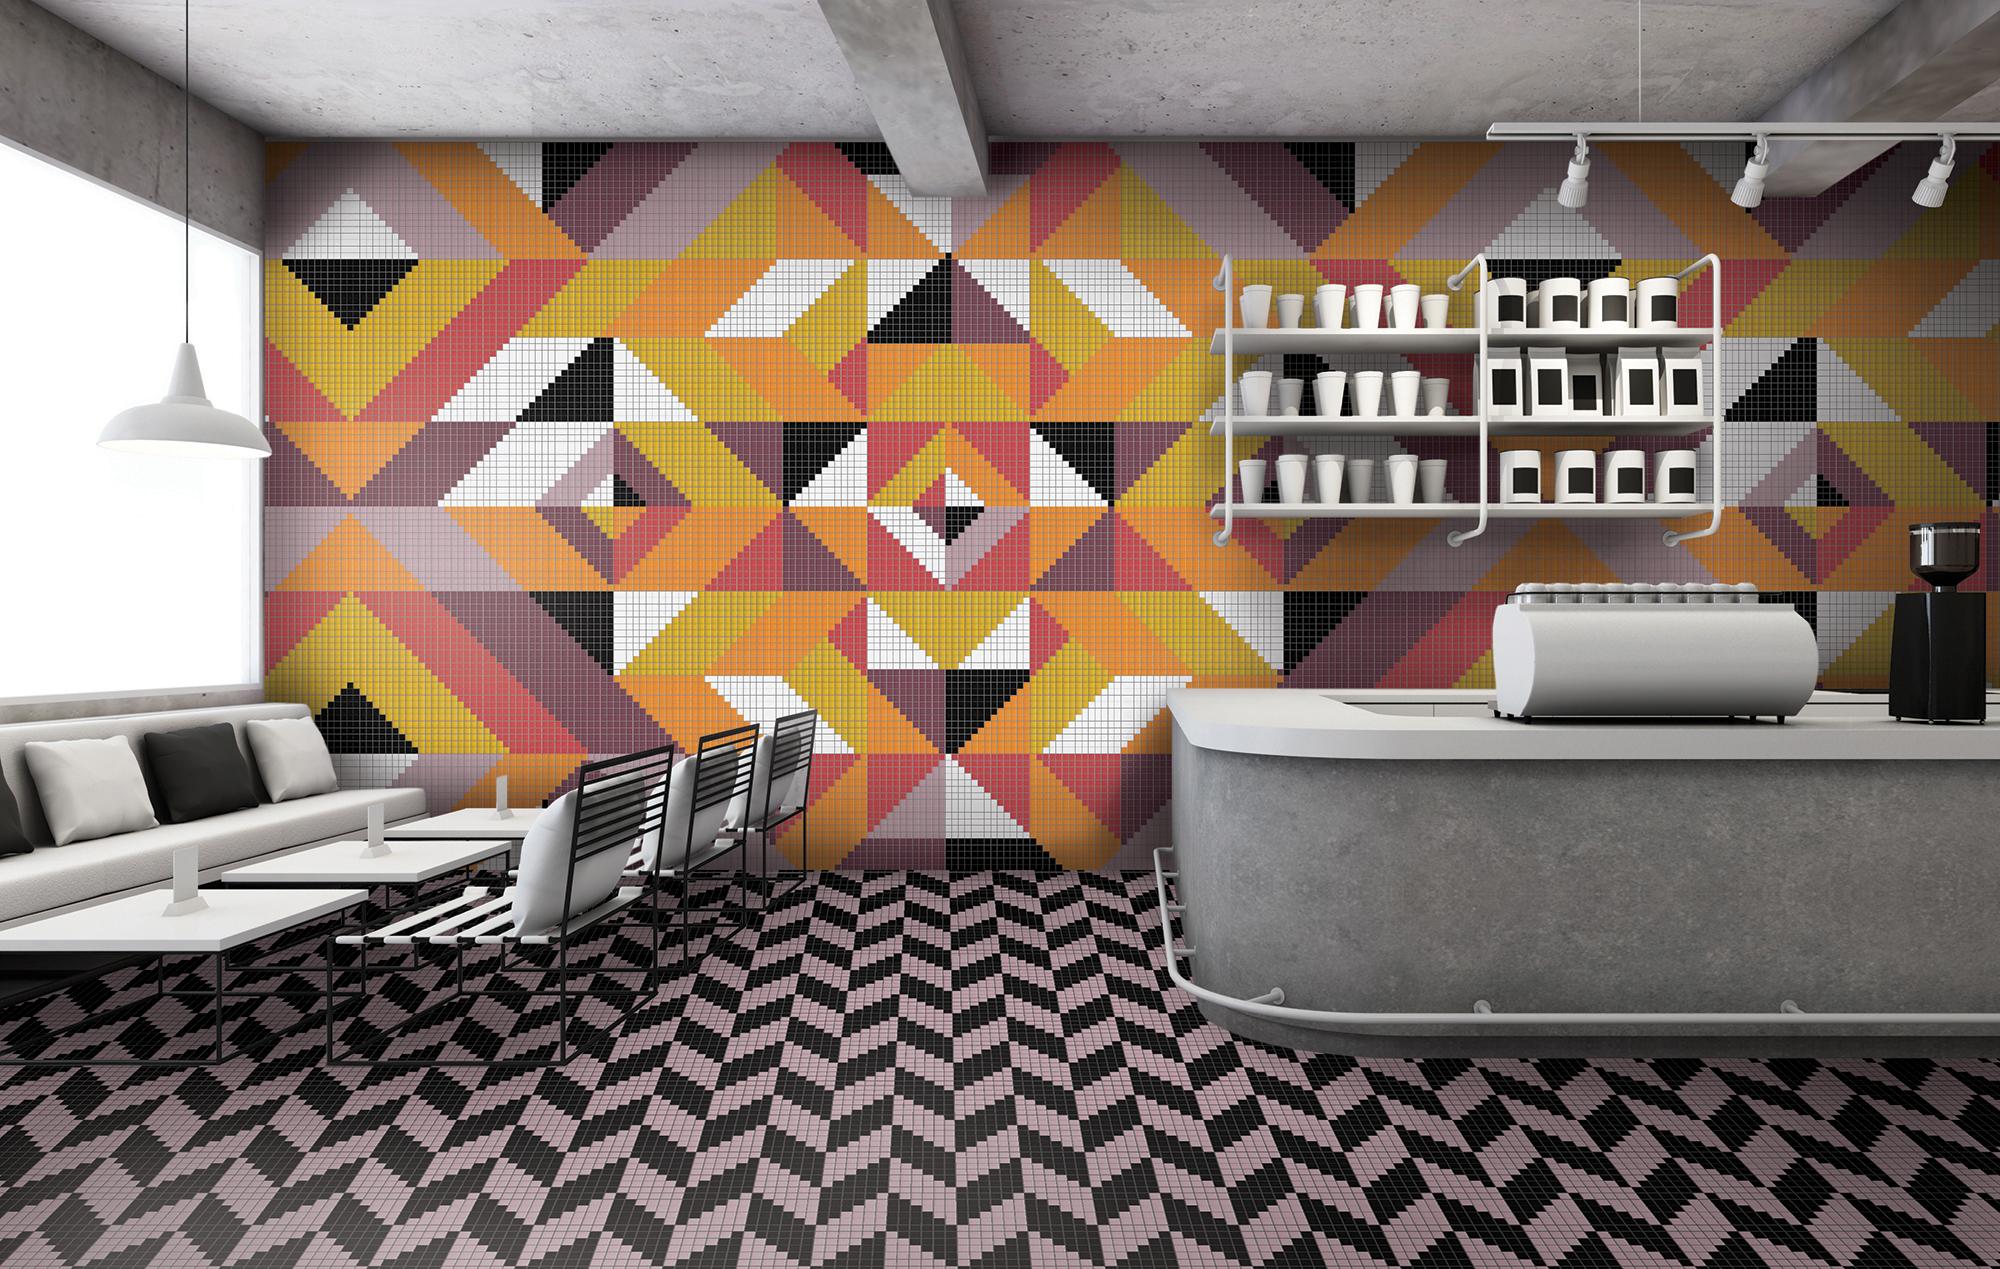 modern-cafe-orange-mosaic-tile-pattern-0-by-artaic-0420105